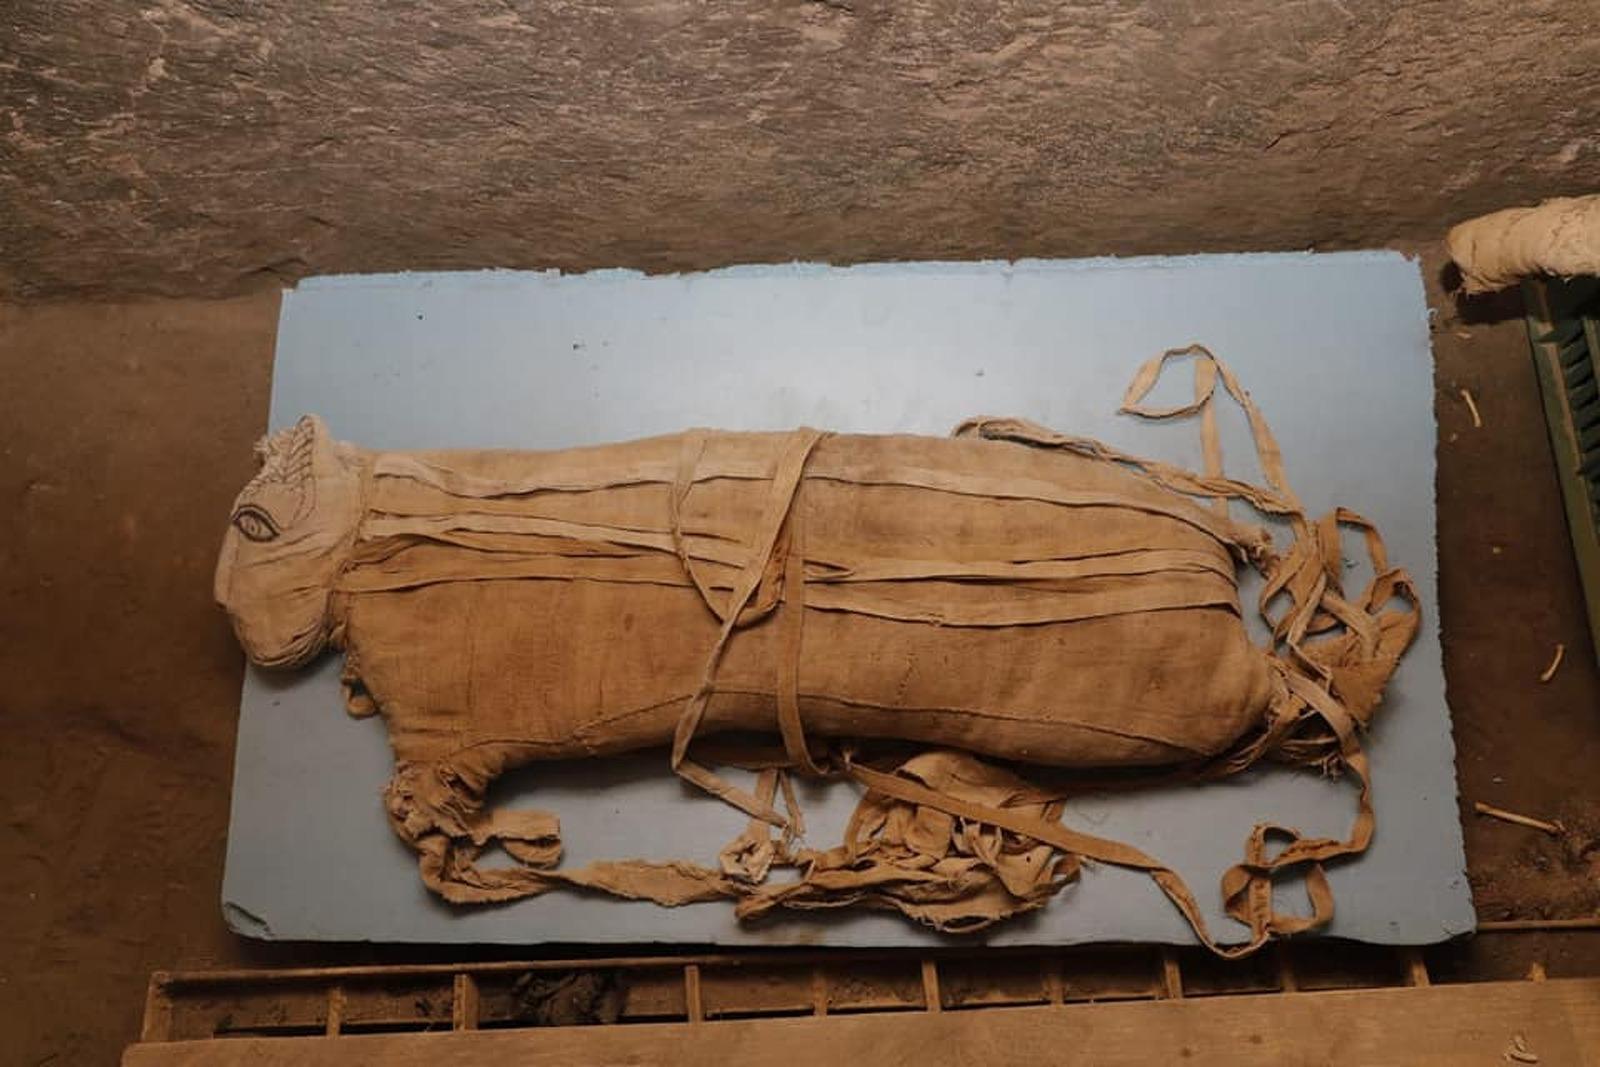 Un dels cadells de lleó momificats trobats a Egipte